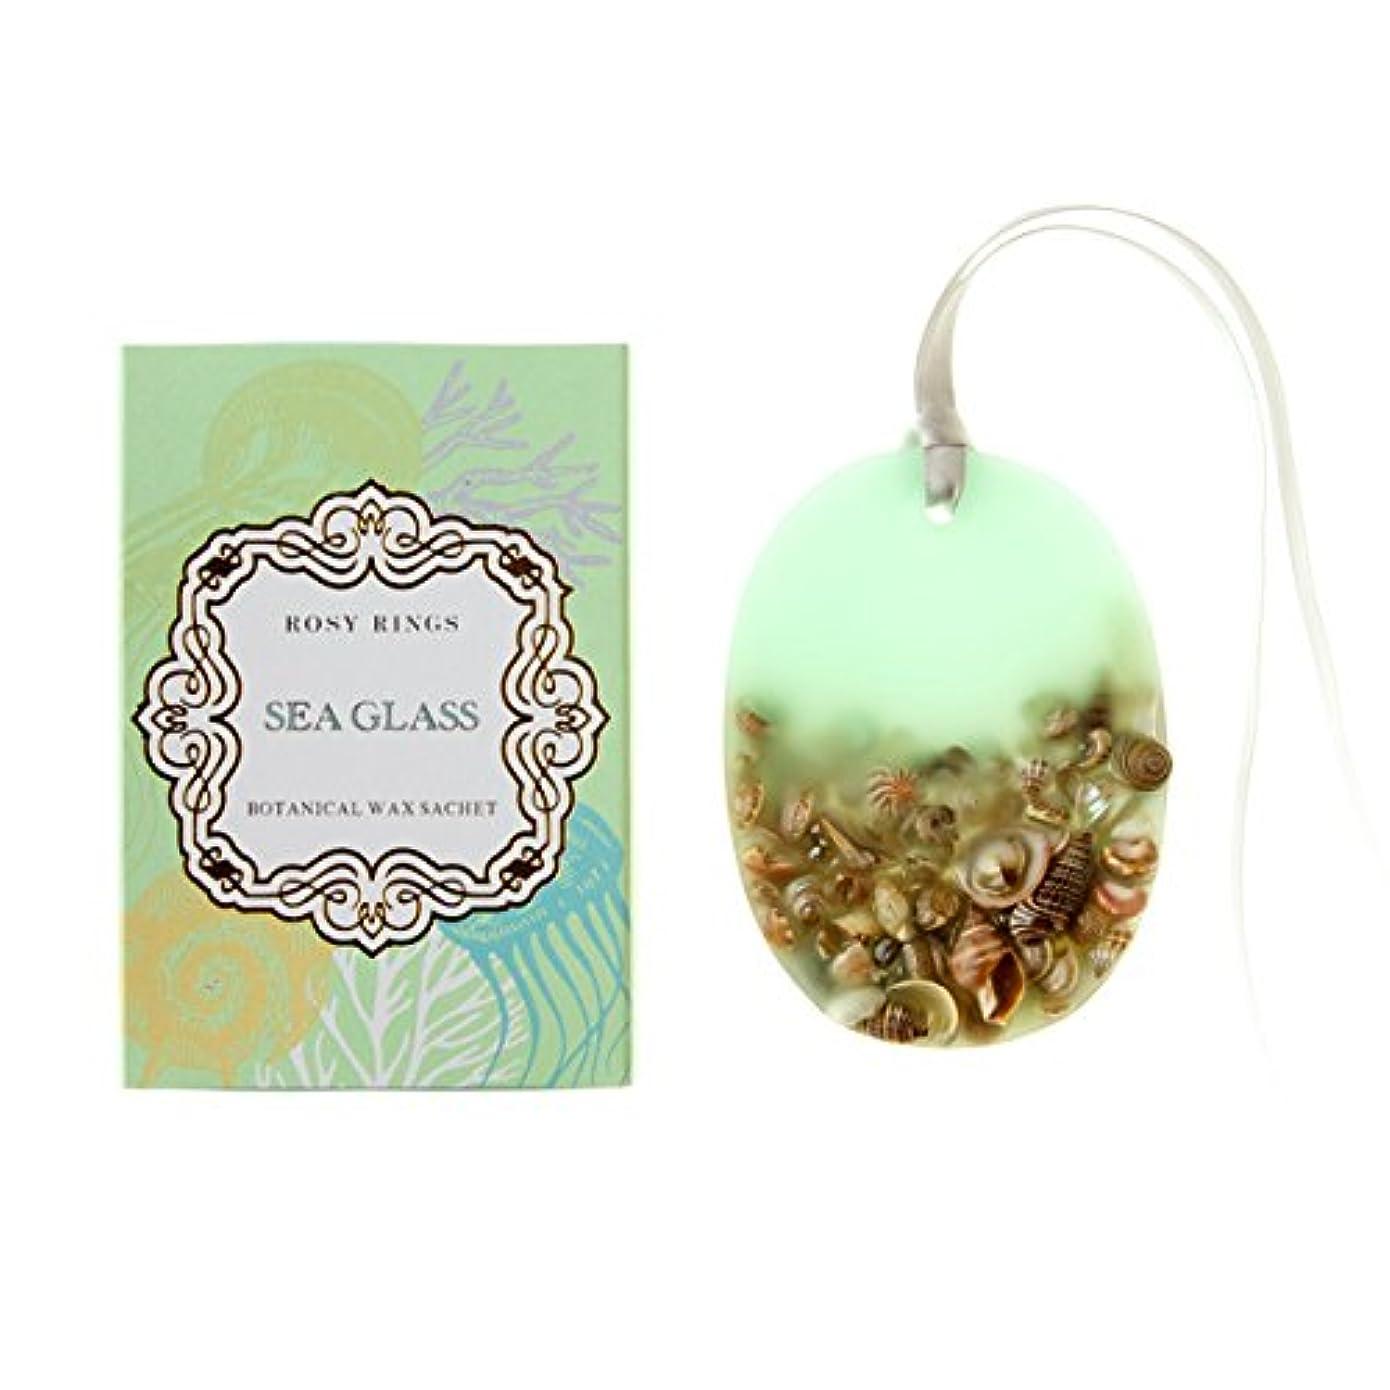 明るくする通行料金浴室ロージーリングス プティボタニカルサシェ シーグラス ROSY RINGS Petite Oval Botanical Wax Sachet Sea Glass